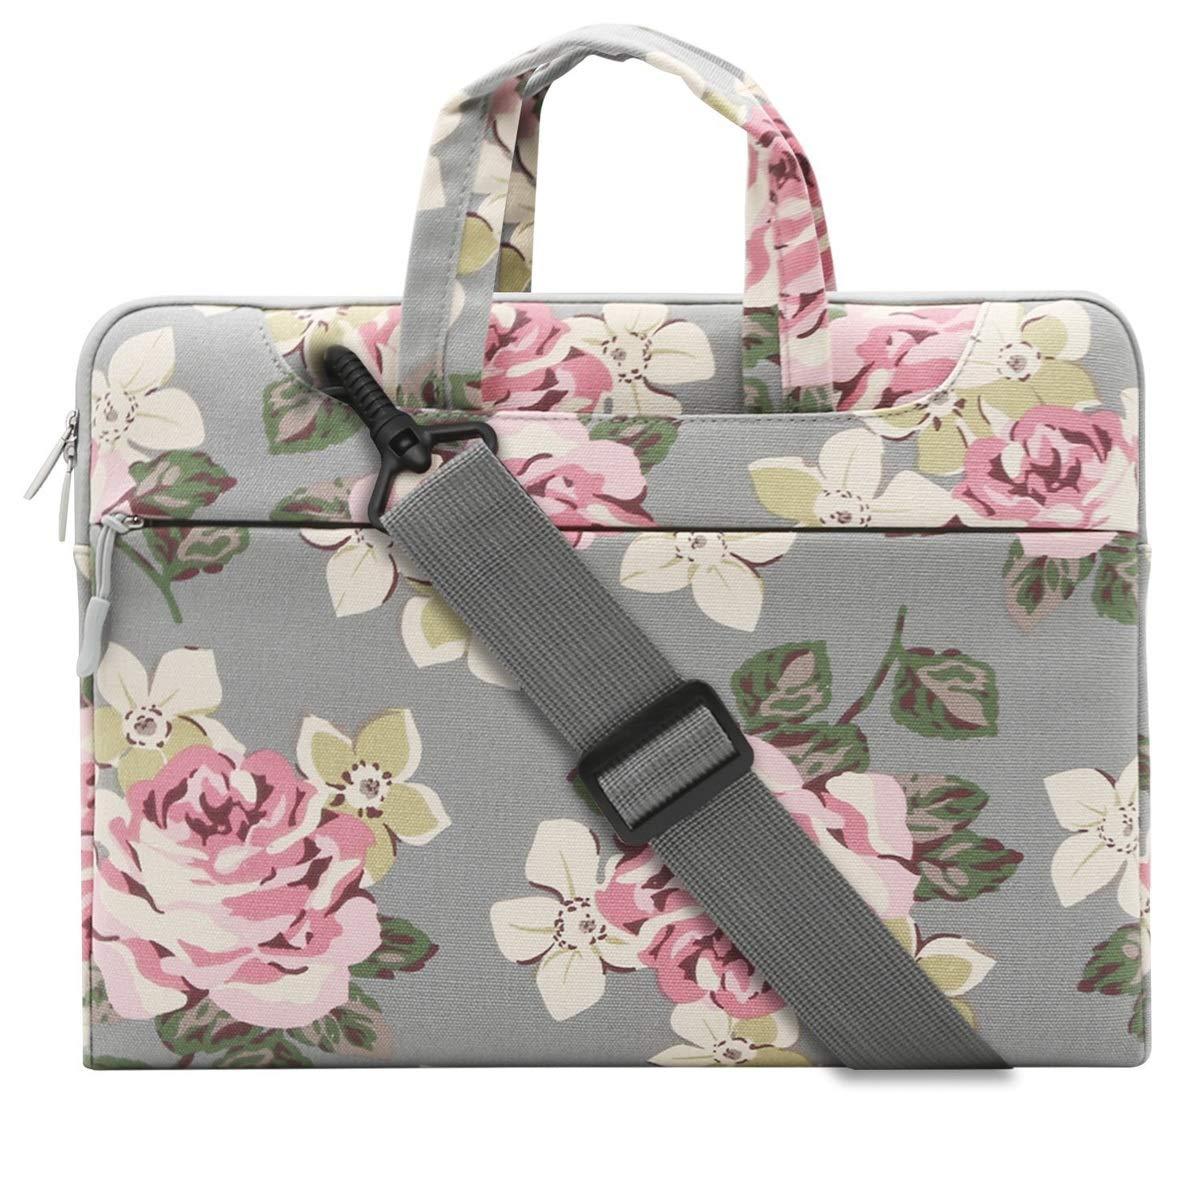 TZZ Laptop Shoulder Bag Briefcase, Rose Pattern Laptop Shoulder Messenger Handbag Case Cover Sleeve for 12-15 Inch 2018/New Notebook Computer Bag